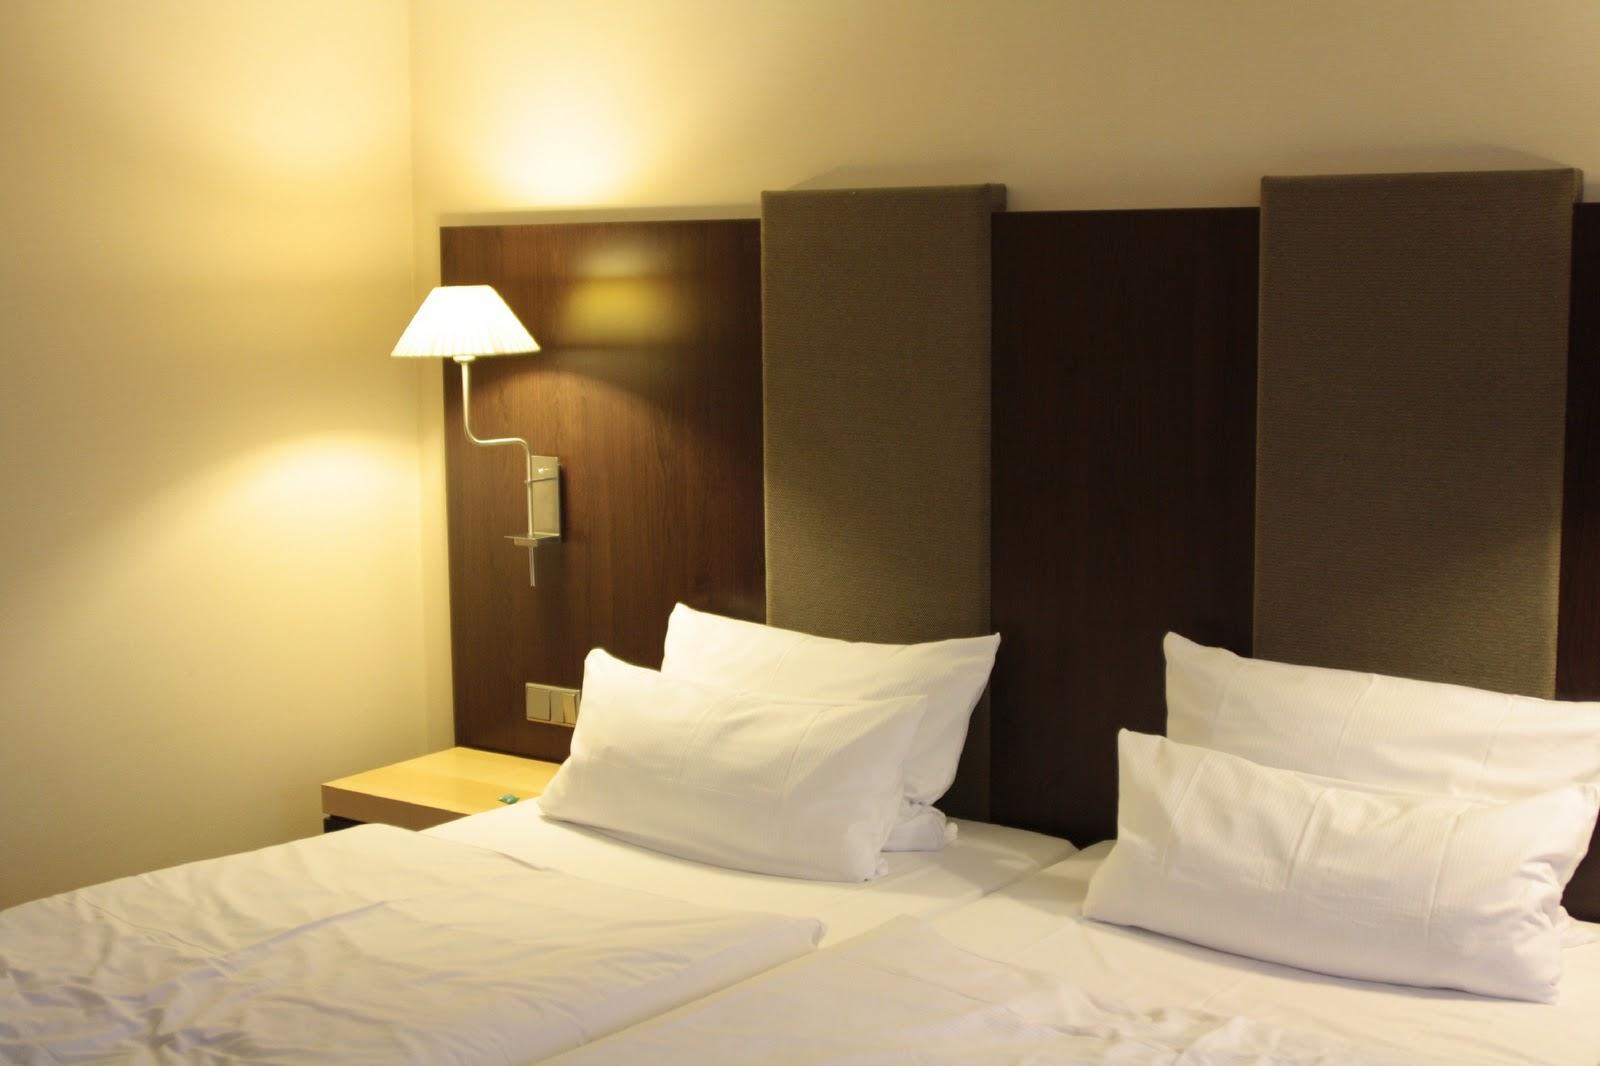 Unterfrankes welt hotelzimmer for Hotelzimmer teilen